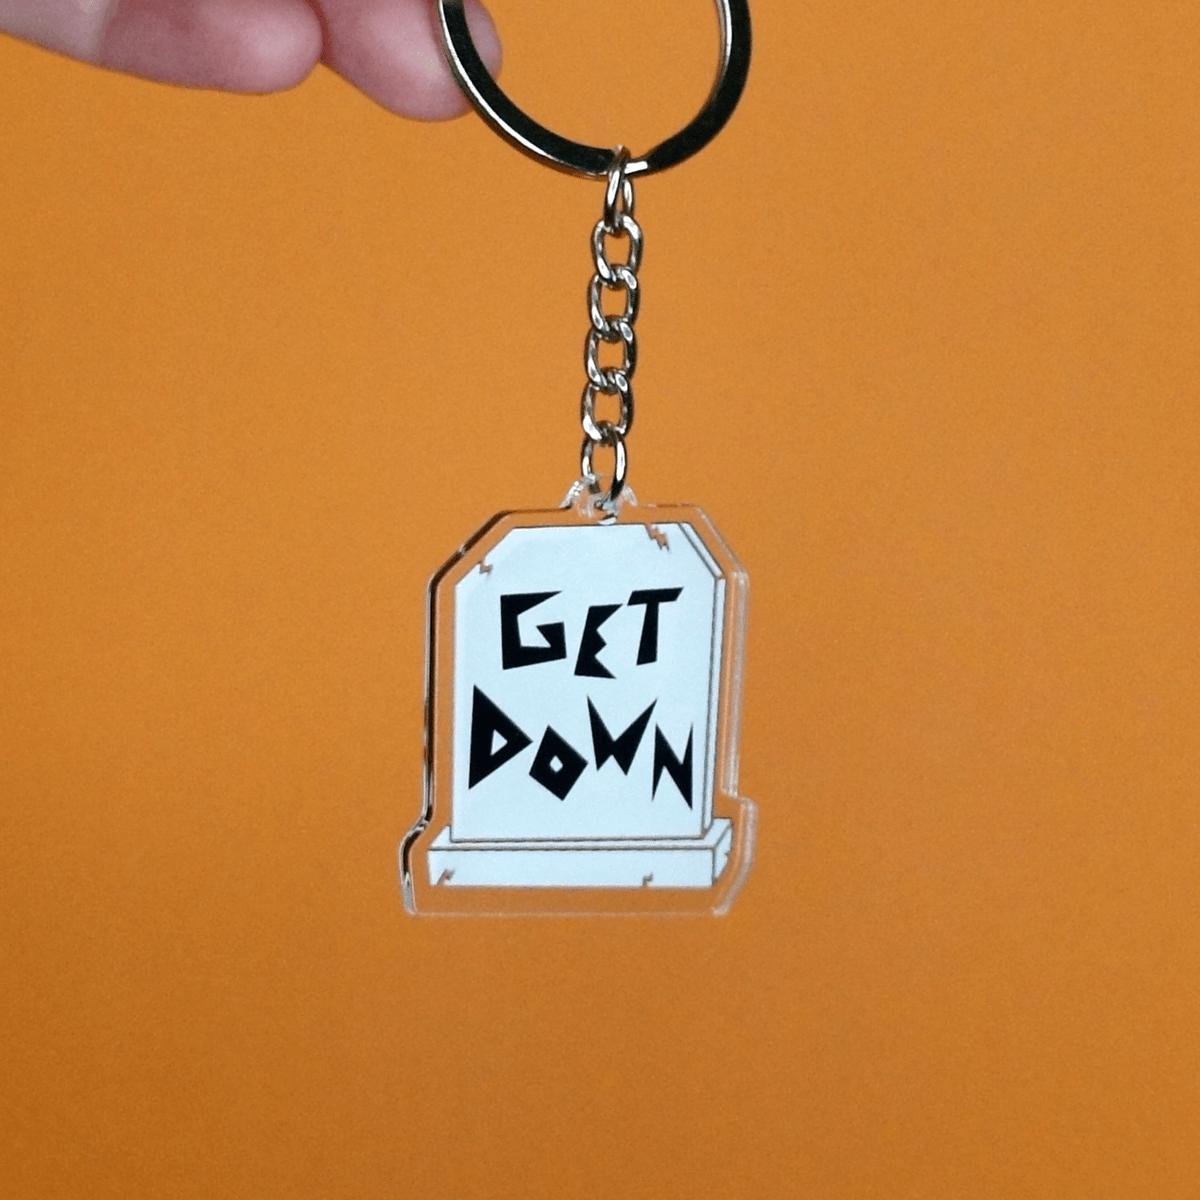 Get Down Acrylic Keychain